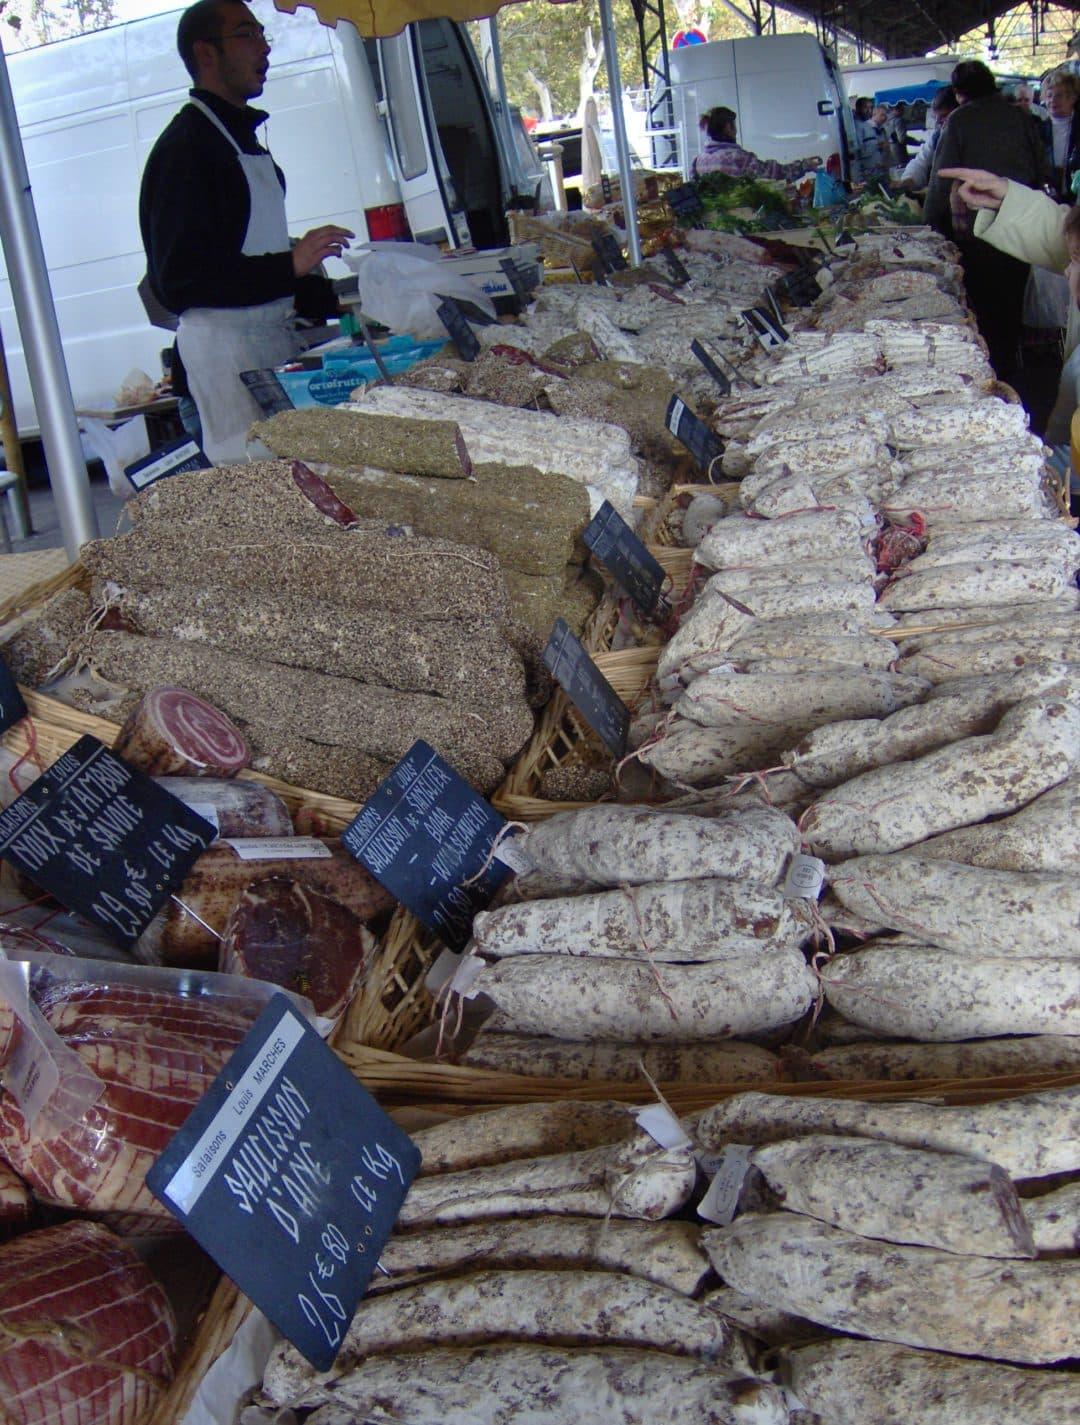 Sausages,_Wednesday_market,_Salon-de-Provence